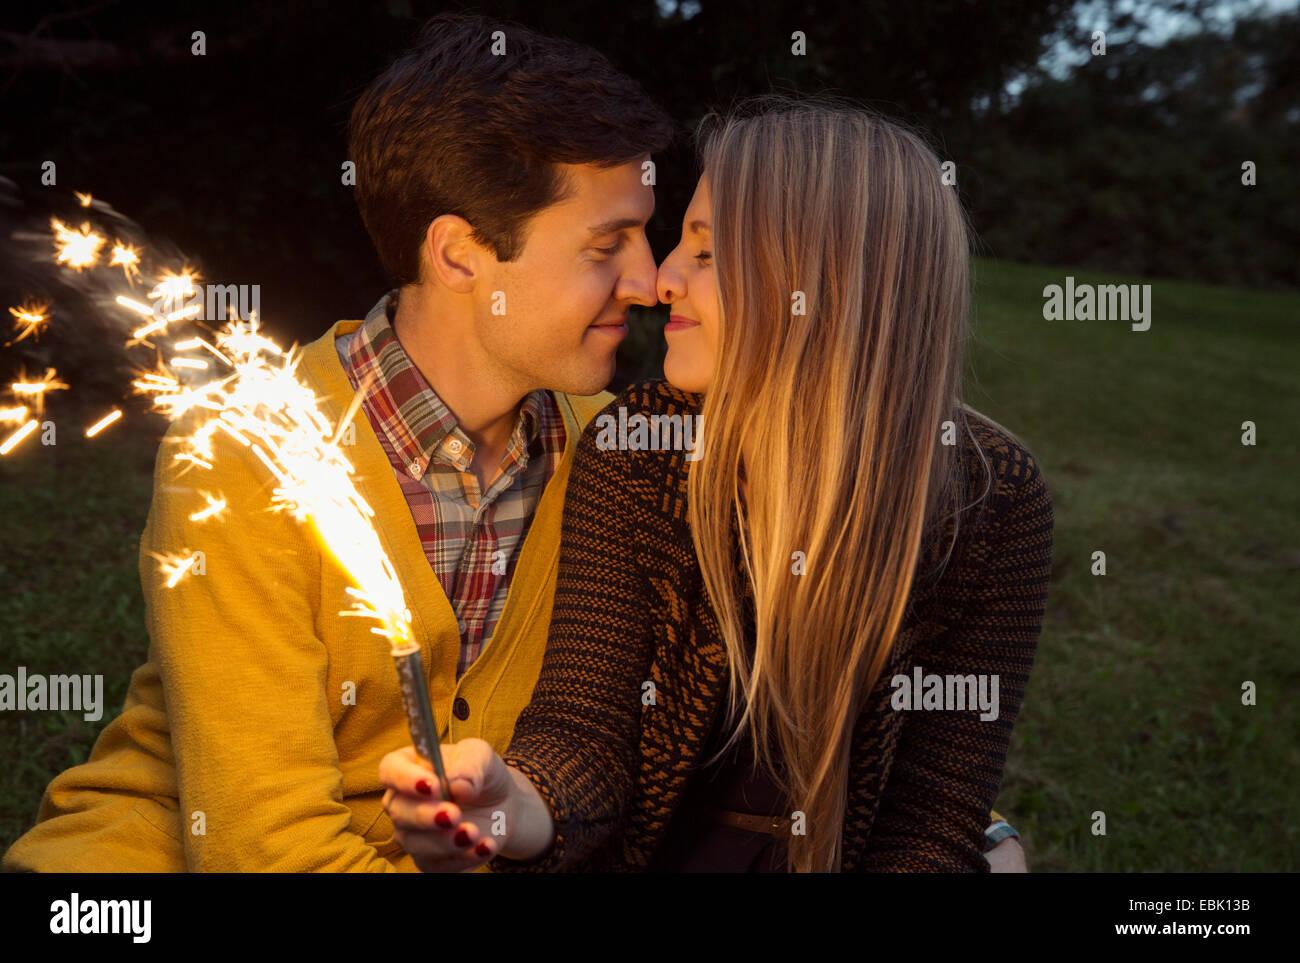 Junges Paar Nase an Nase im Park mit funkelnden Feuerwerk Stockbild